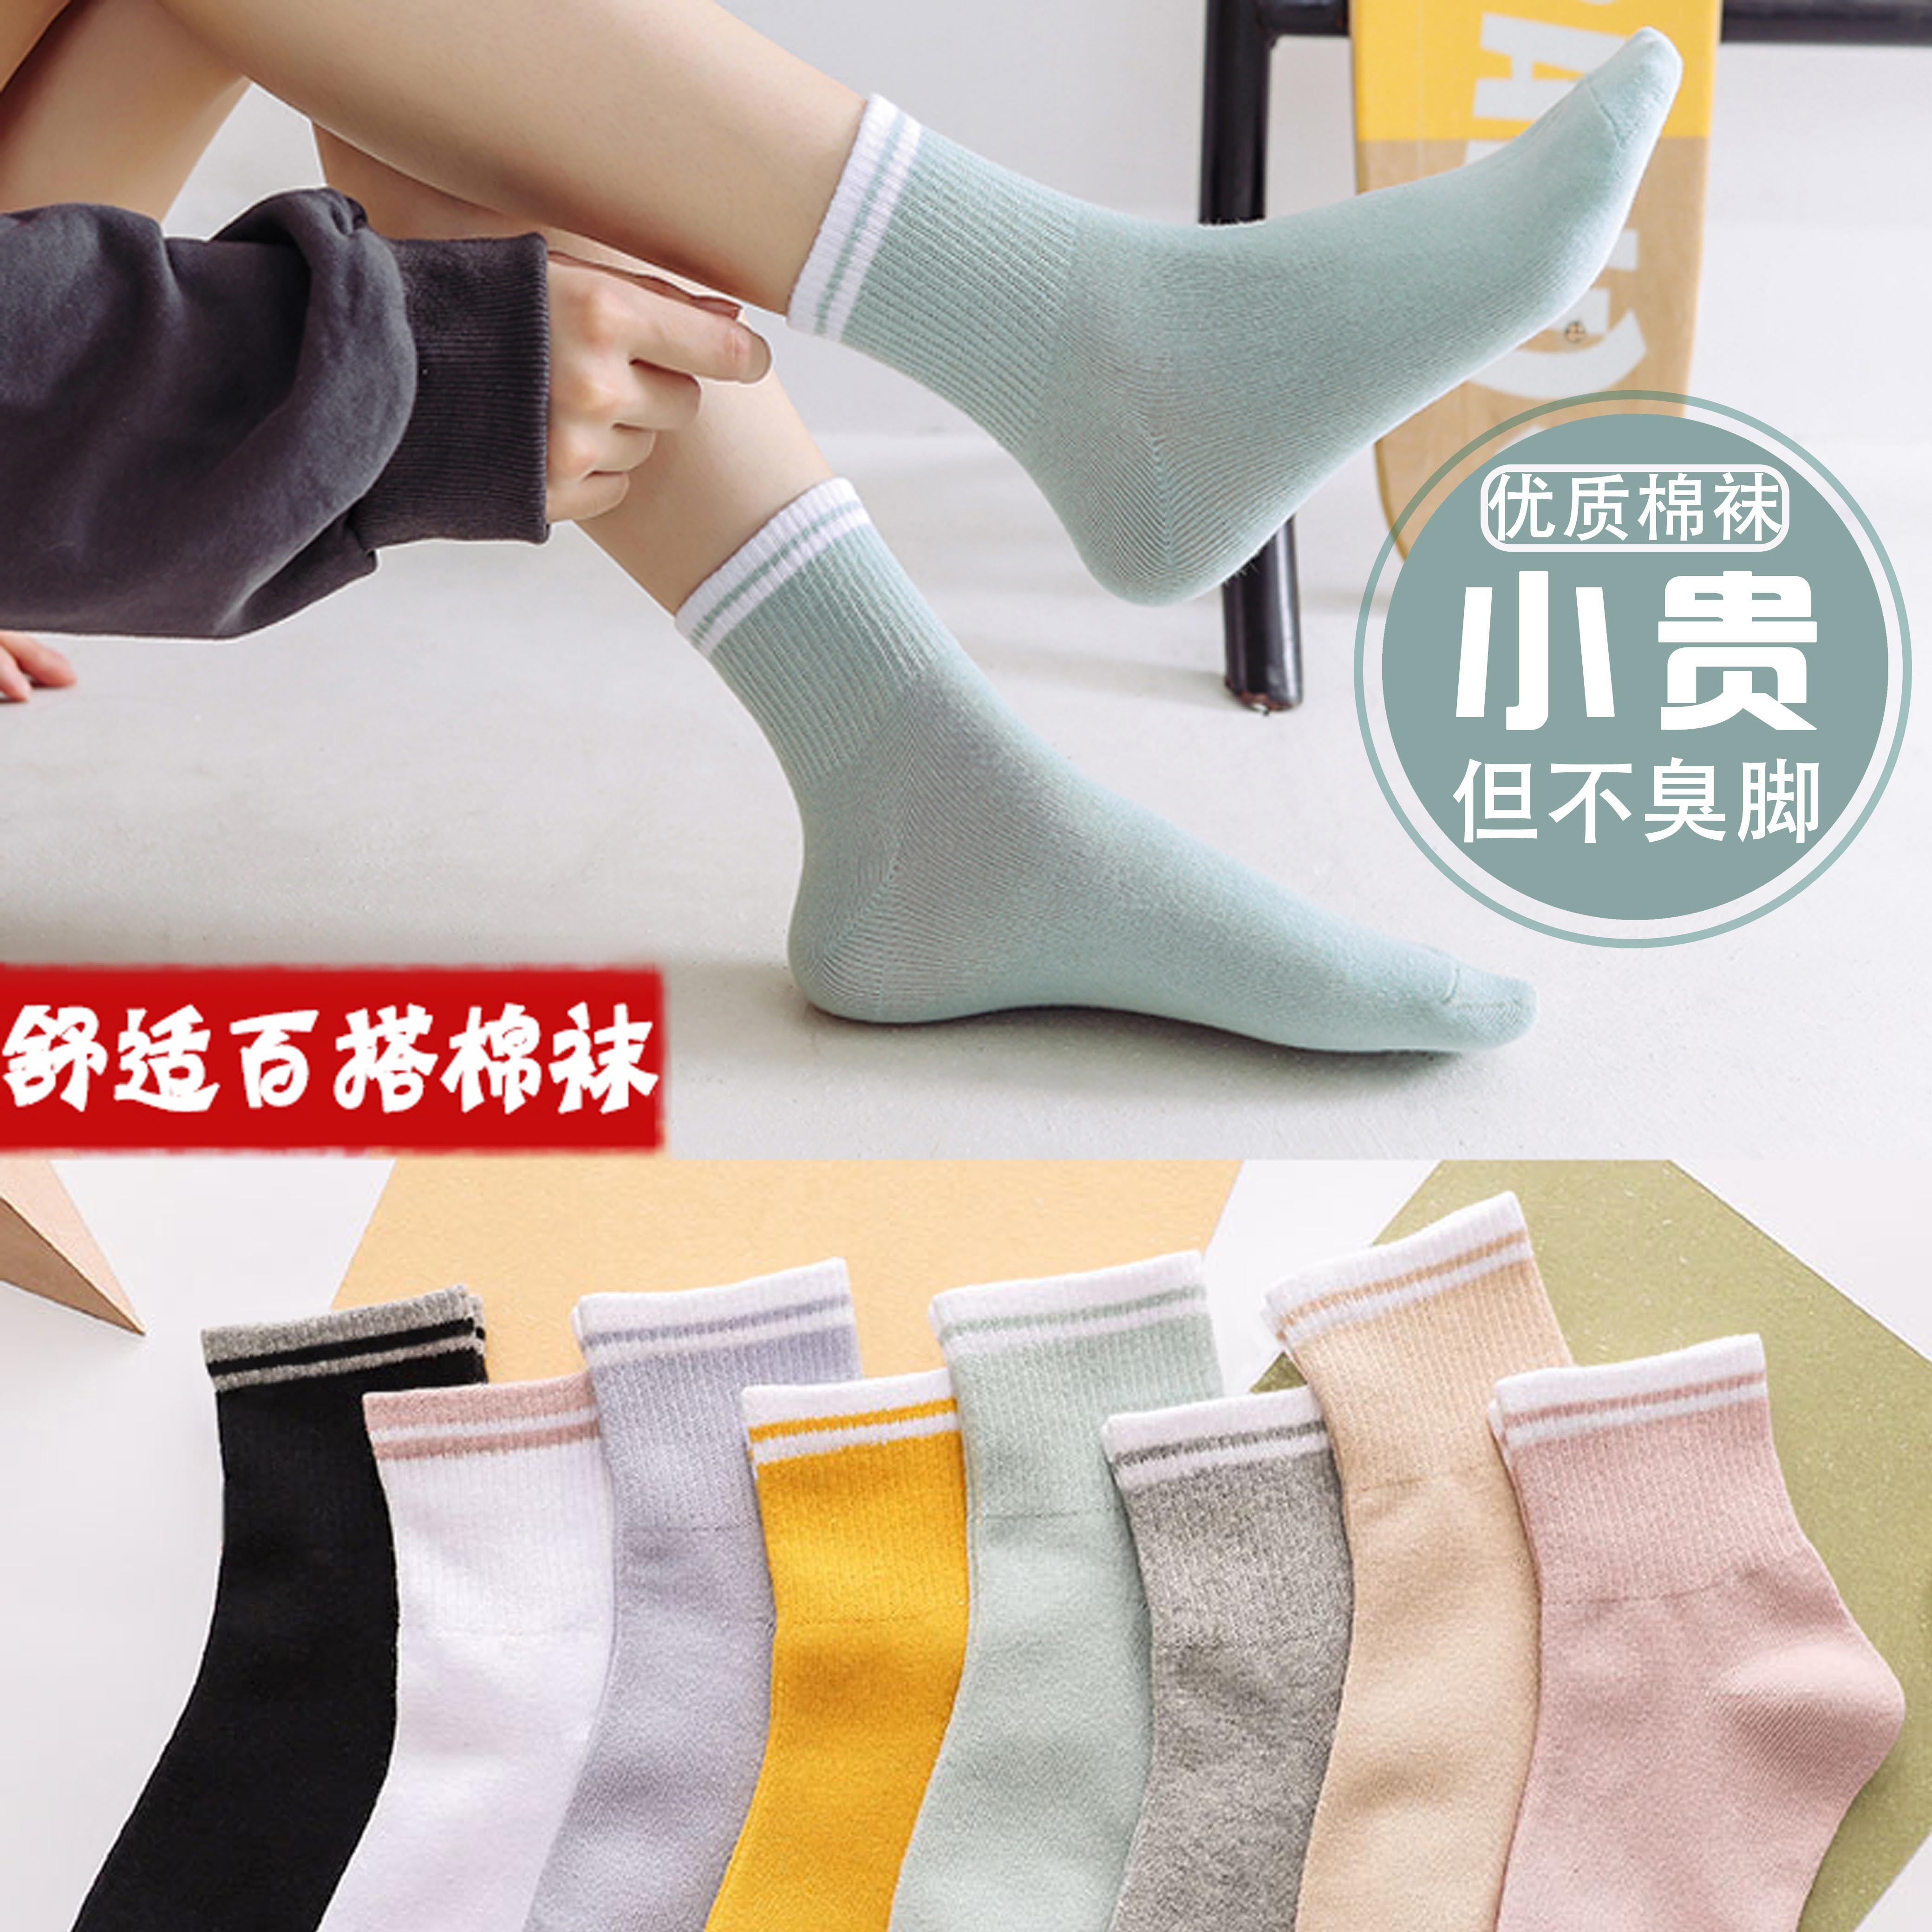 5双袜子女中筒袜秋冬韩版短袜纯色棉袜防臭四季船袜女士运动吸汗